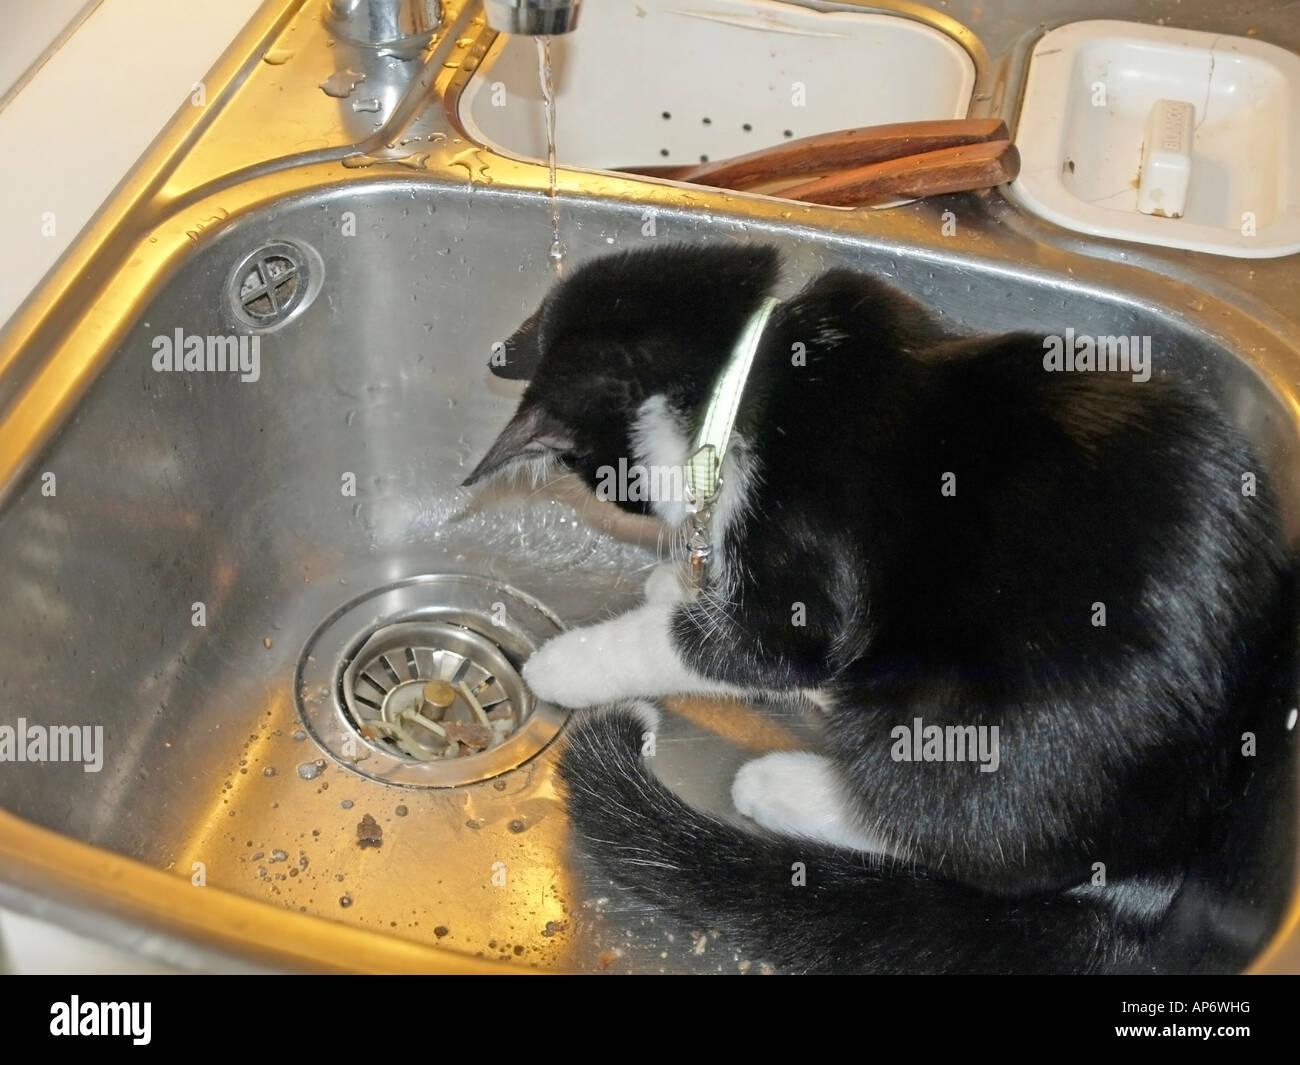 kleine schwarze und wei e katze k tzchen spielen mit wasser vom wasserhahn im waschbecken in. Black Bedroom Furniture Sets. Home Design Ideas